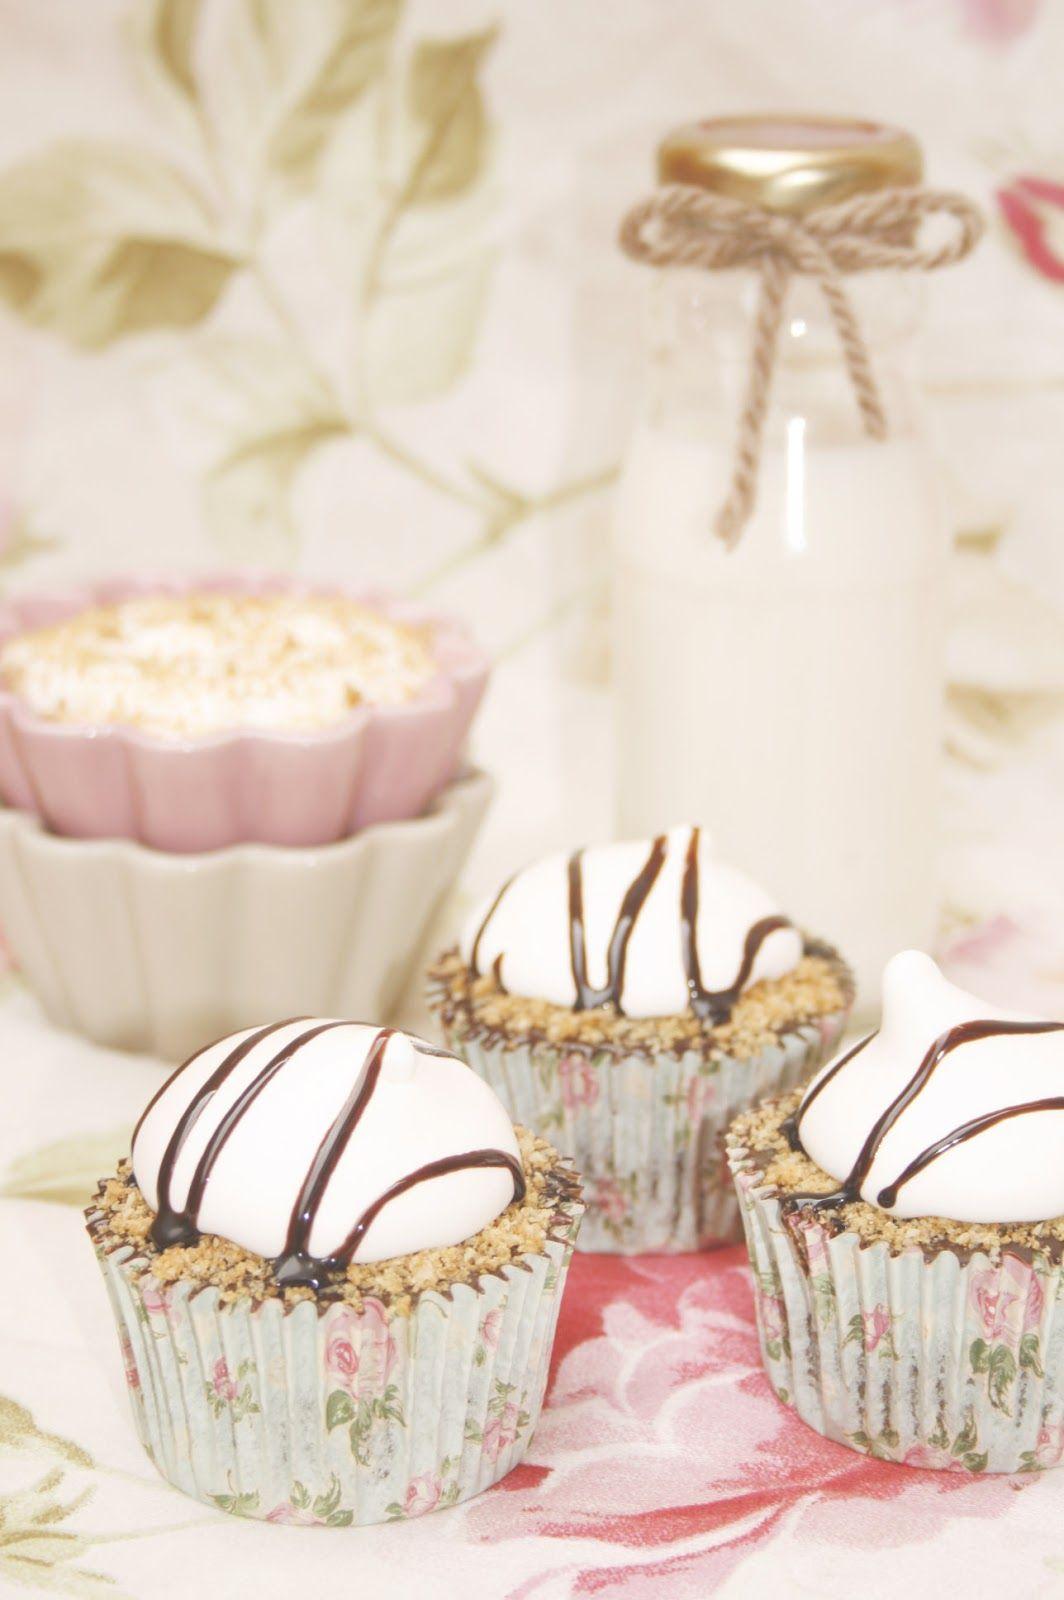 Tu medio cupcake: Merengue Suizo, Merengue Suizo!!! Y nuestras aventuras hasta conseguirlo!